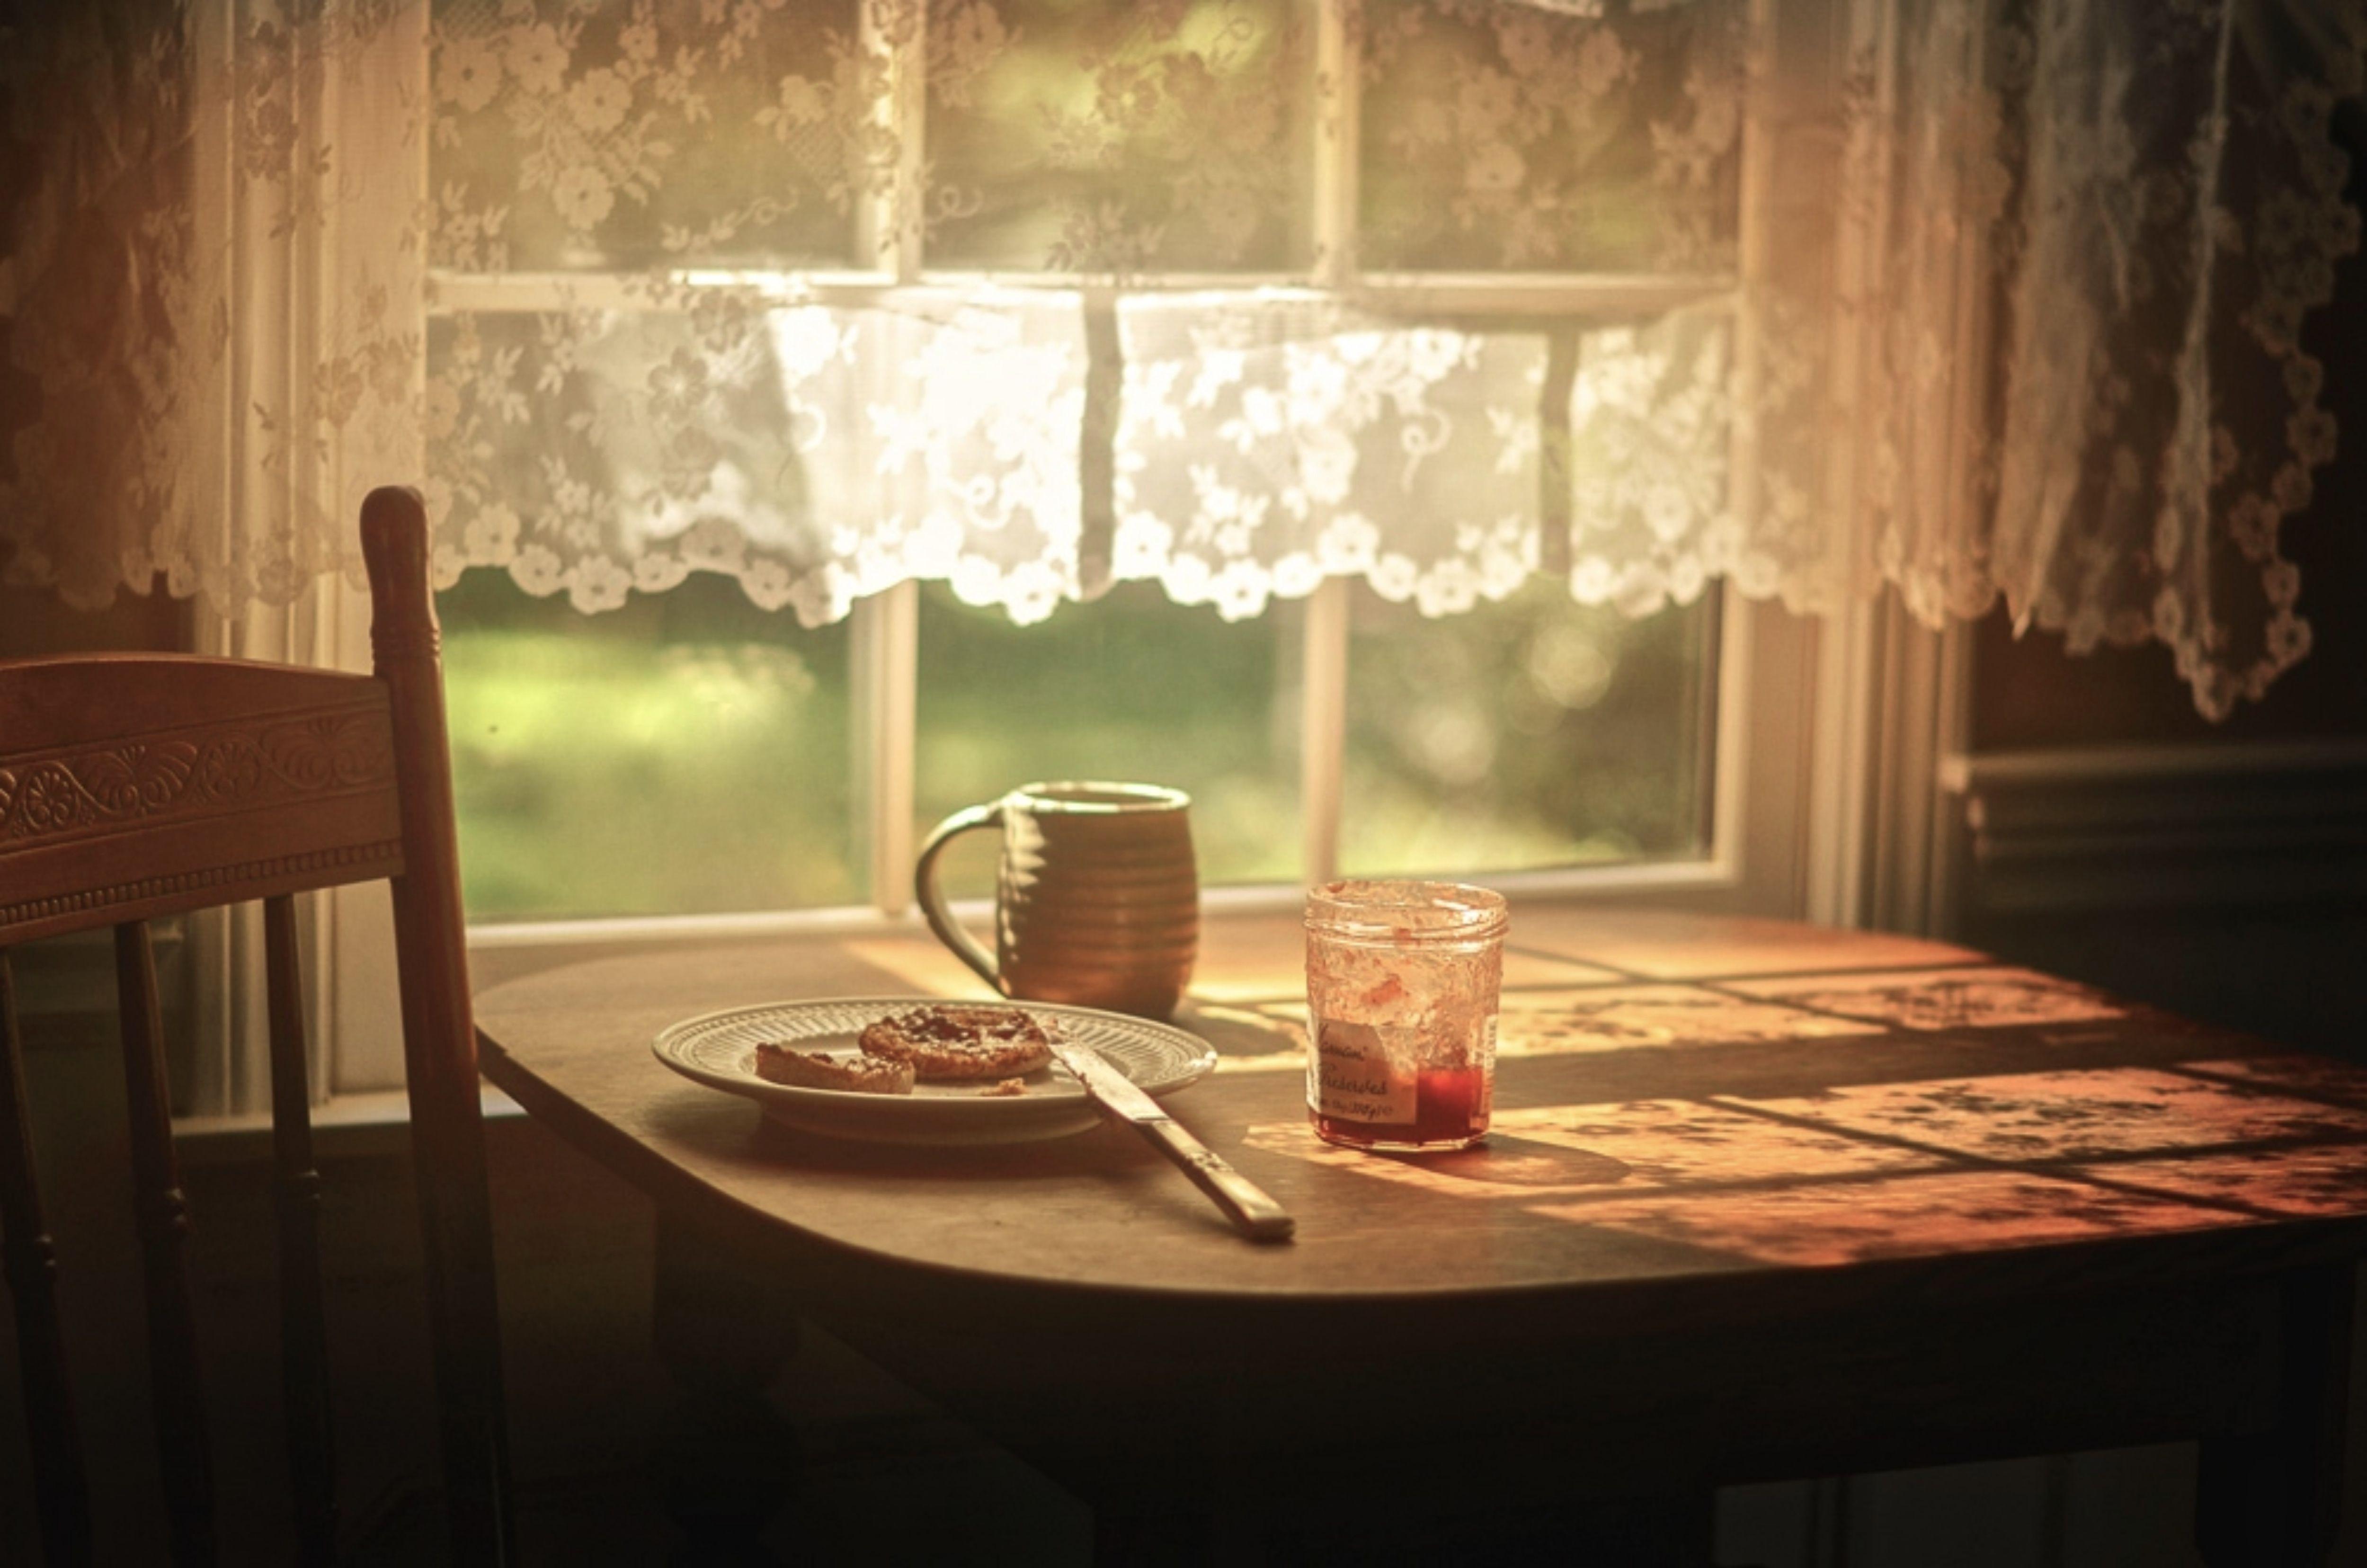 картинки солнечные комнаты с кофе на столе временем